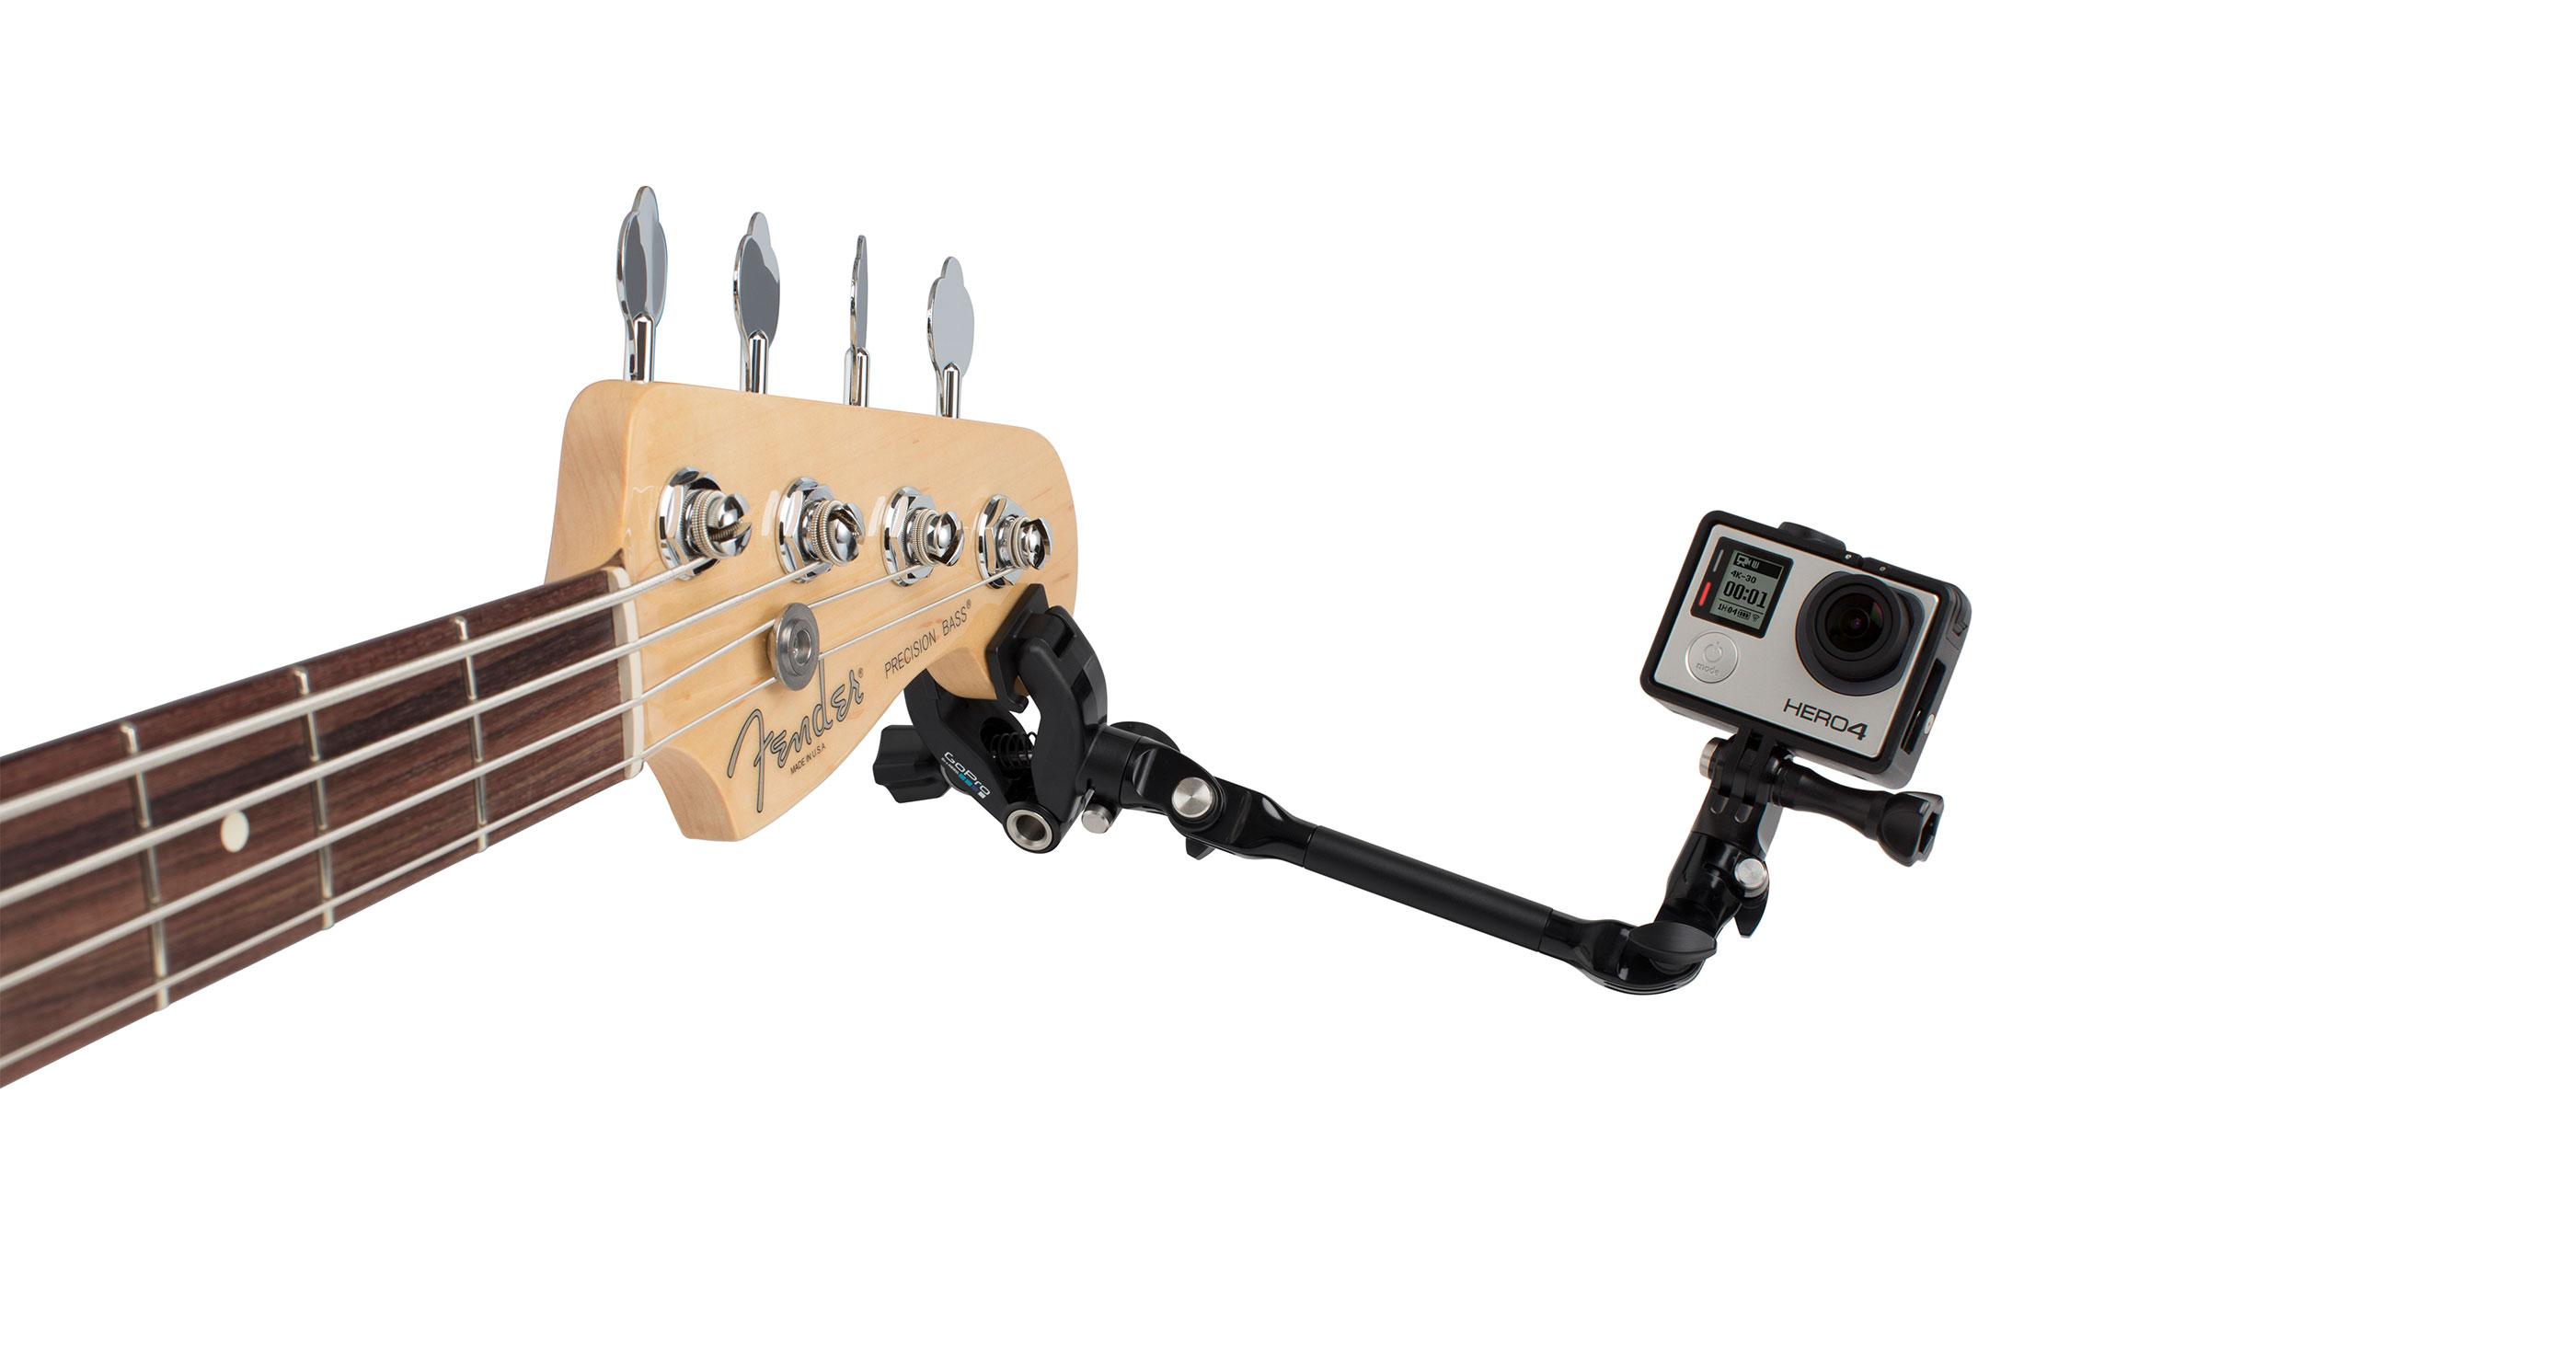 cadeau pour batteur et percussionniste cadeaux pour musiciens. Black Bedroom Furniture Sets. Home Design Ideas